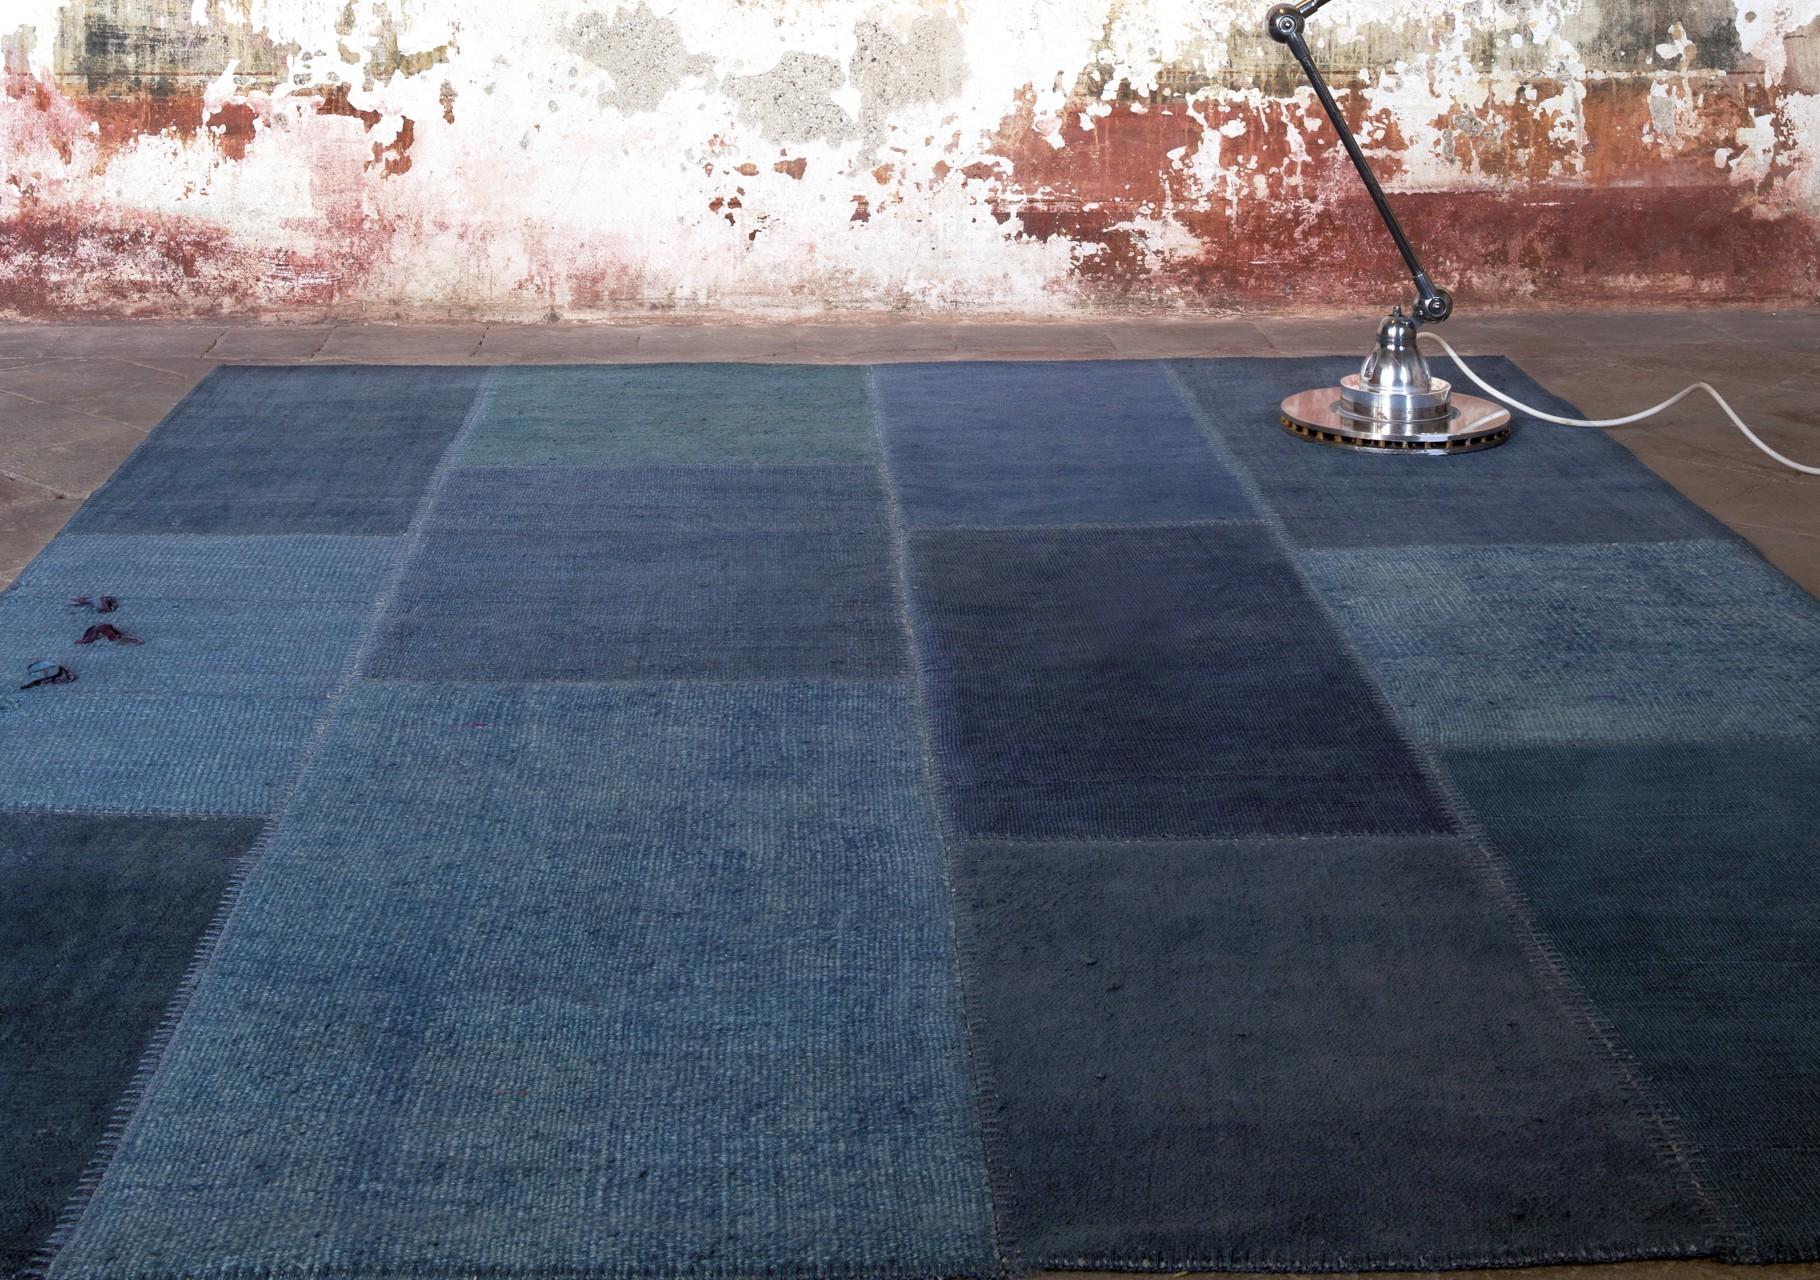 Teppiche Recklinghausen teppiche bohle raum trifft ausstattung